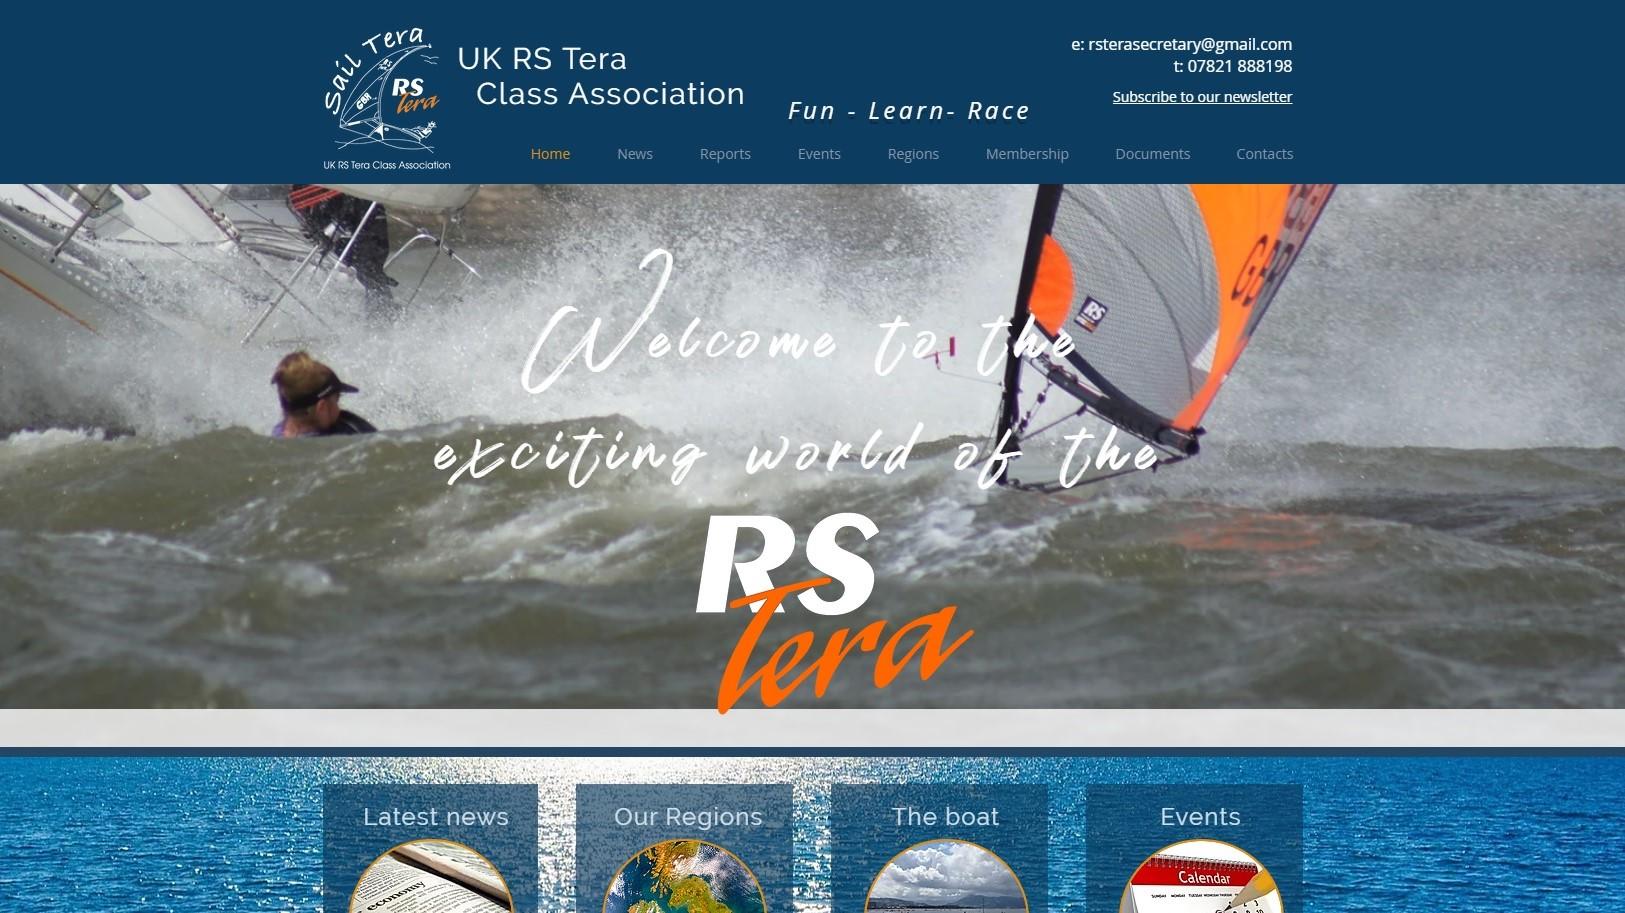 UK RS Tera Class Association